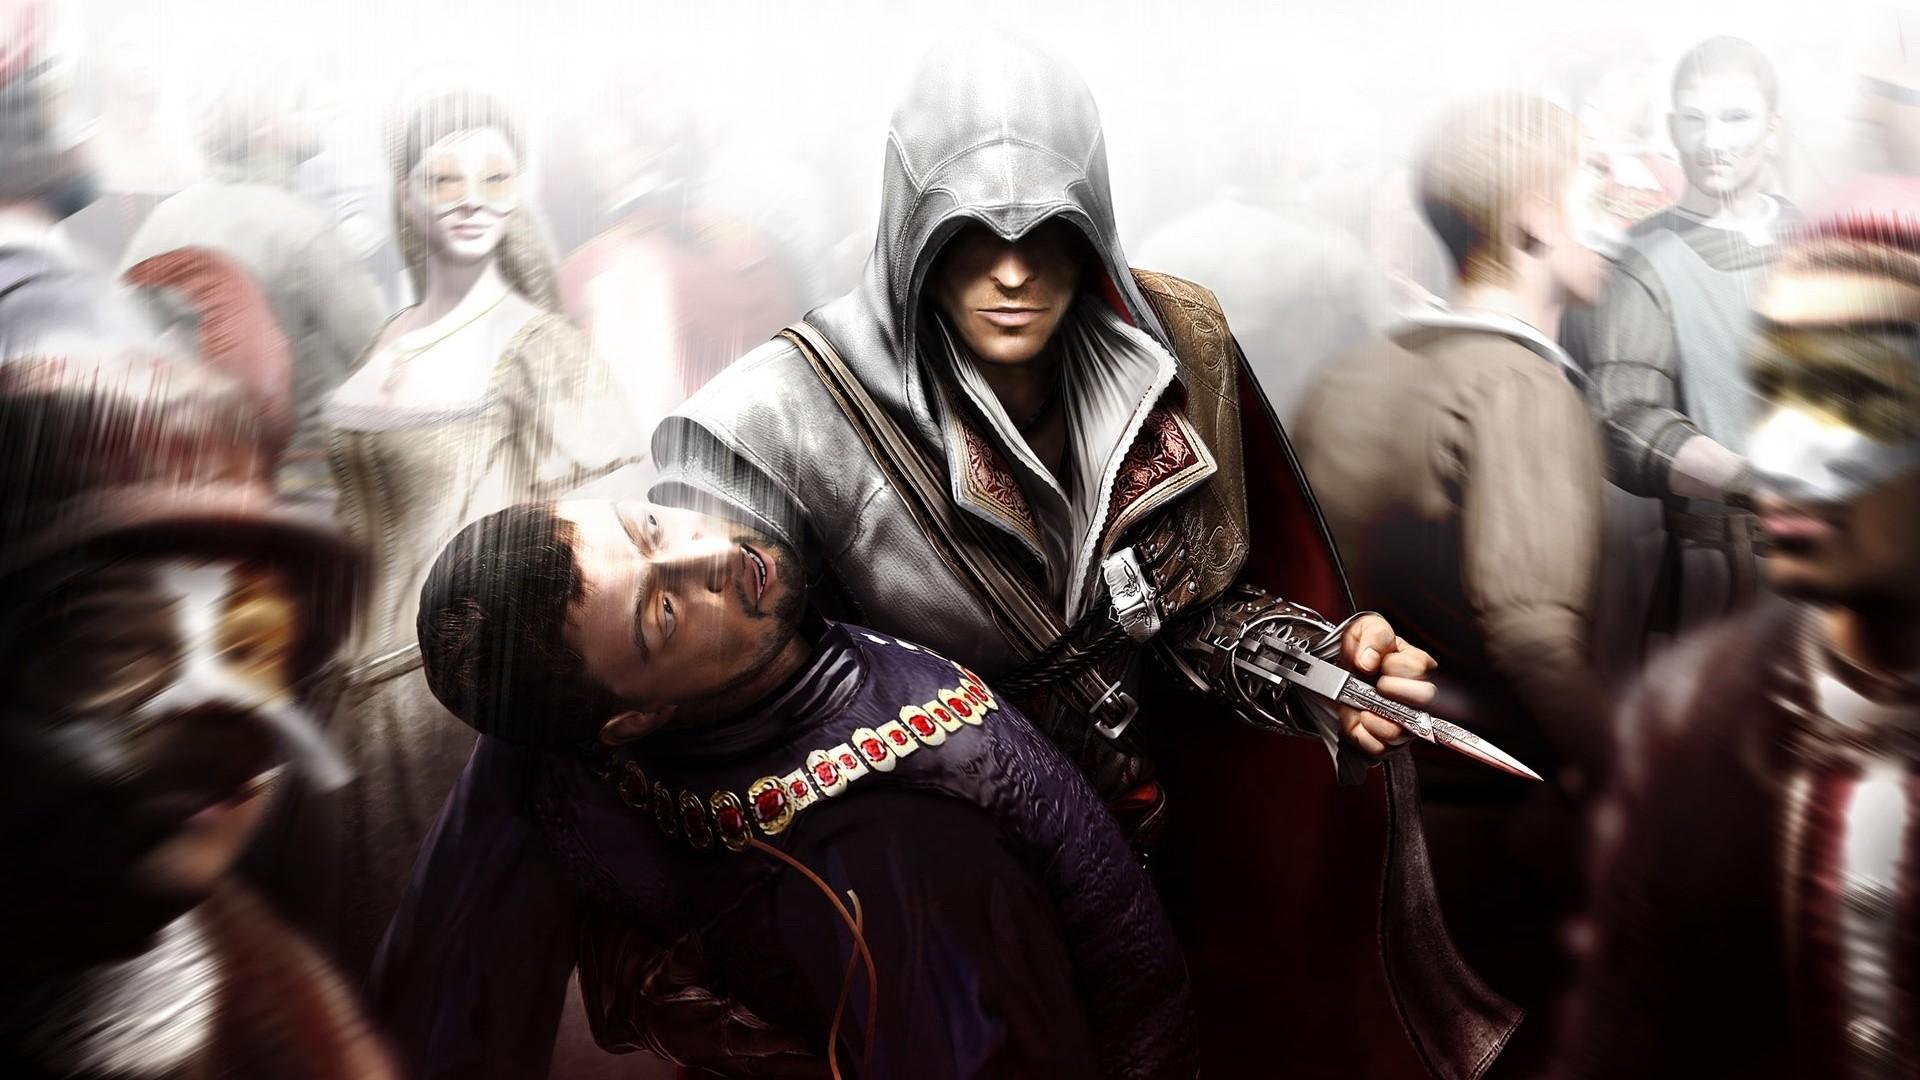 Assassin's Creed 2 Wallpaper Full HD